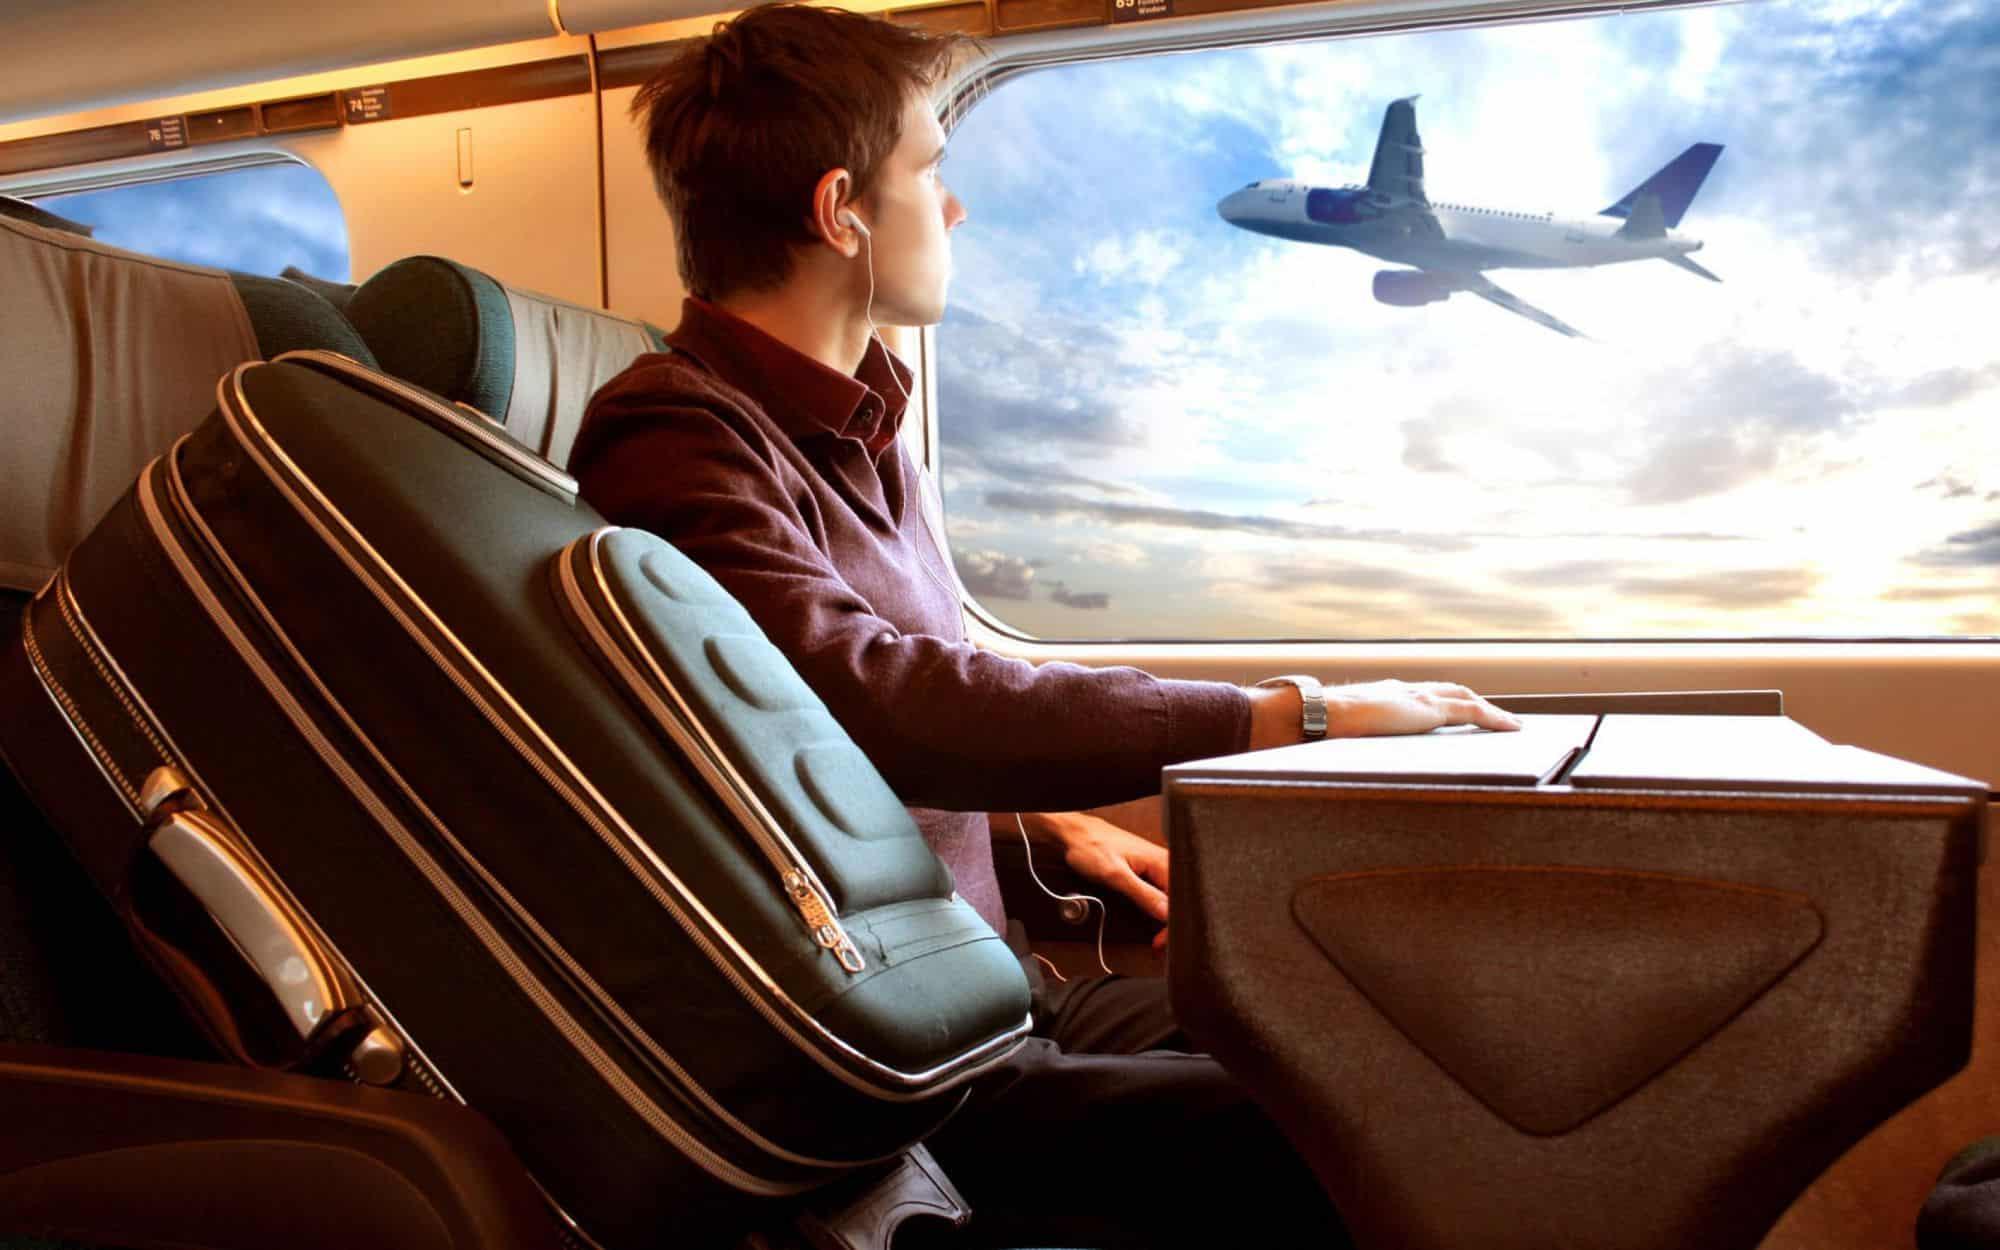 صور زوجي جاي من السفر , والحمد الله زوجي جاي من السفر